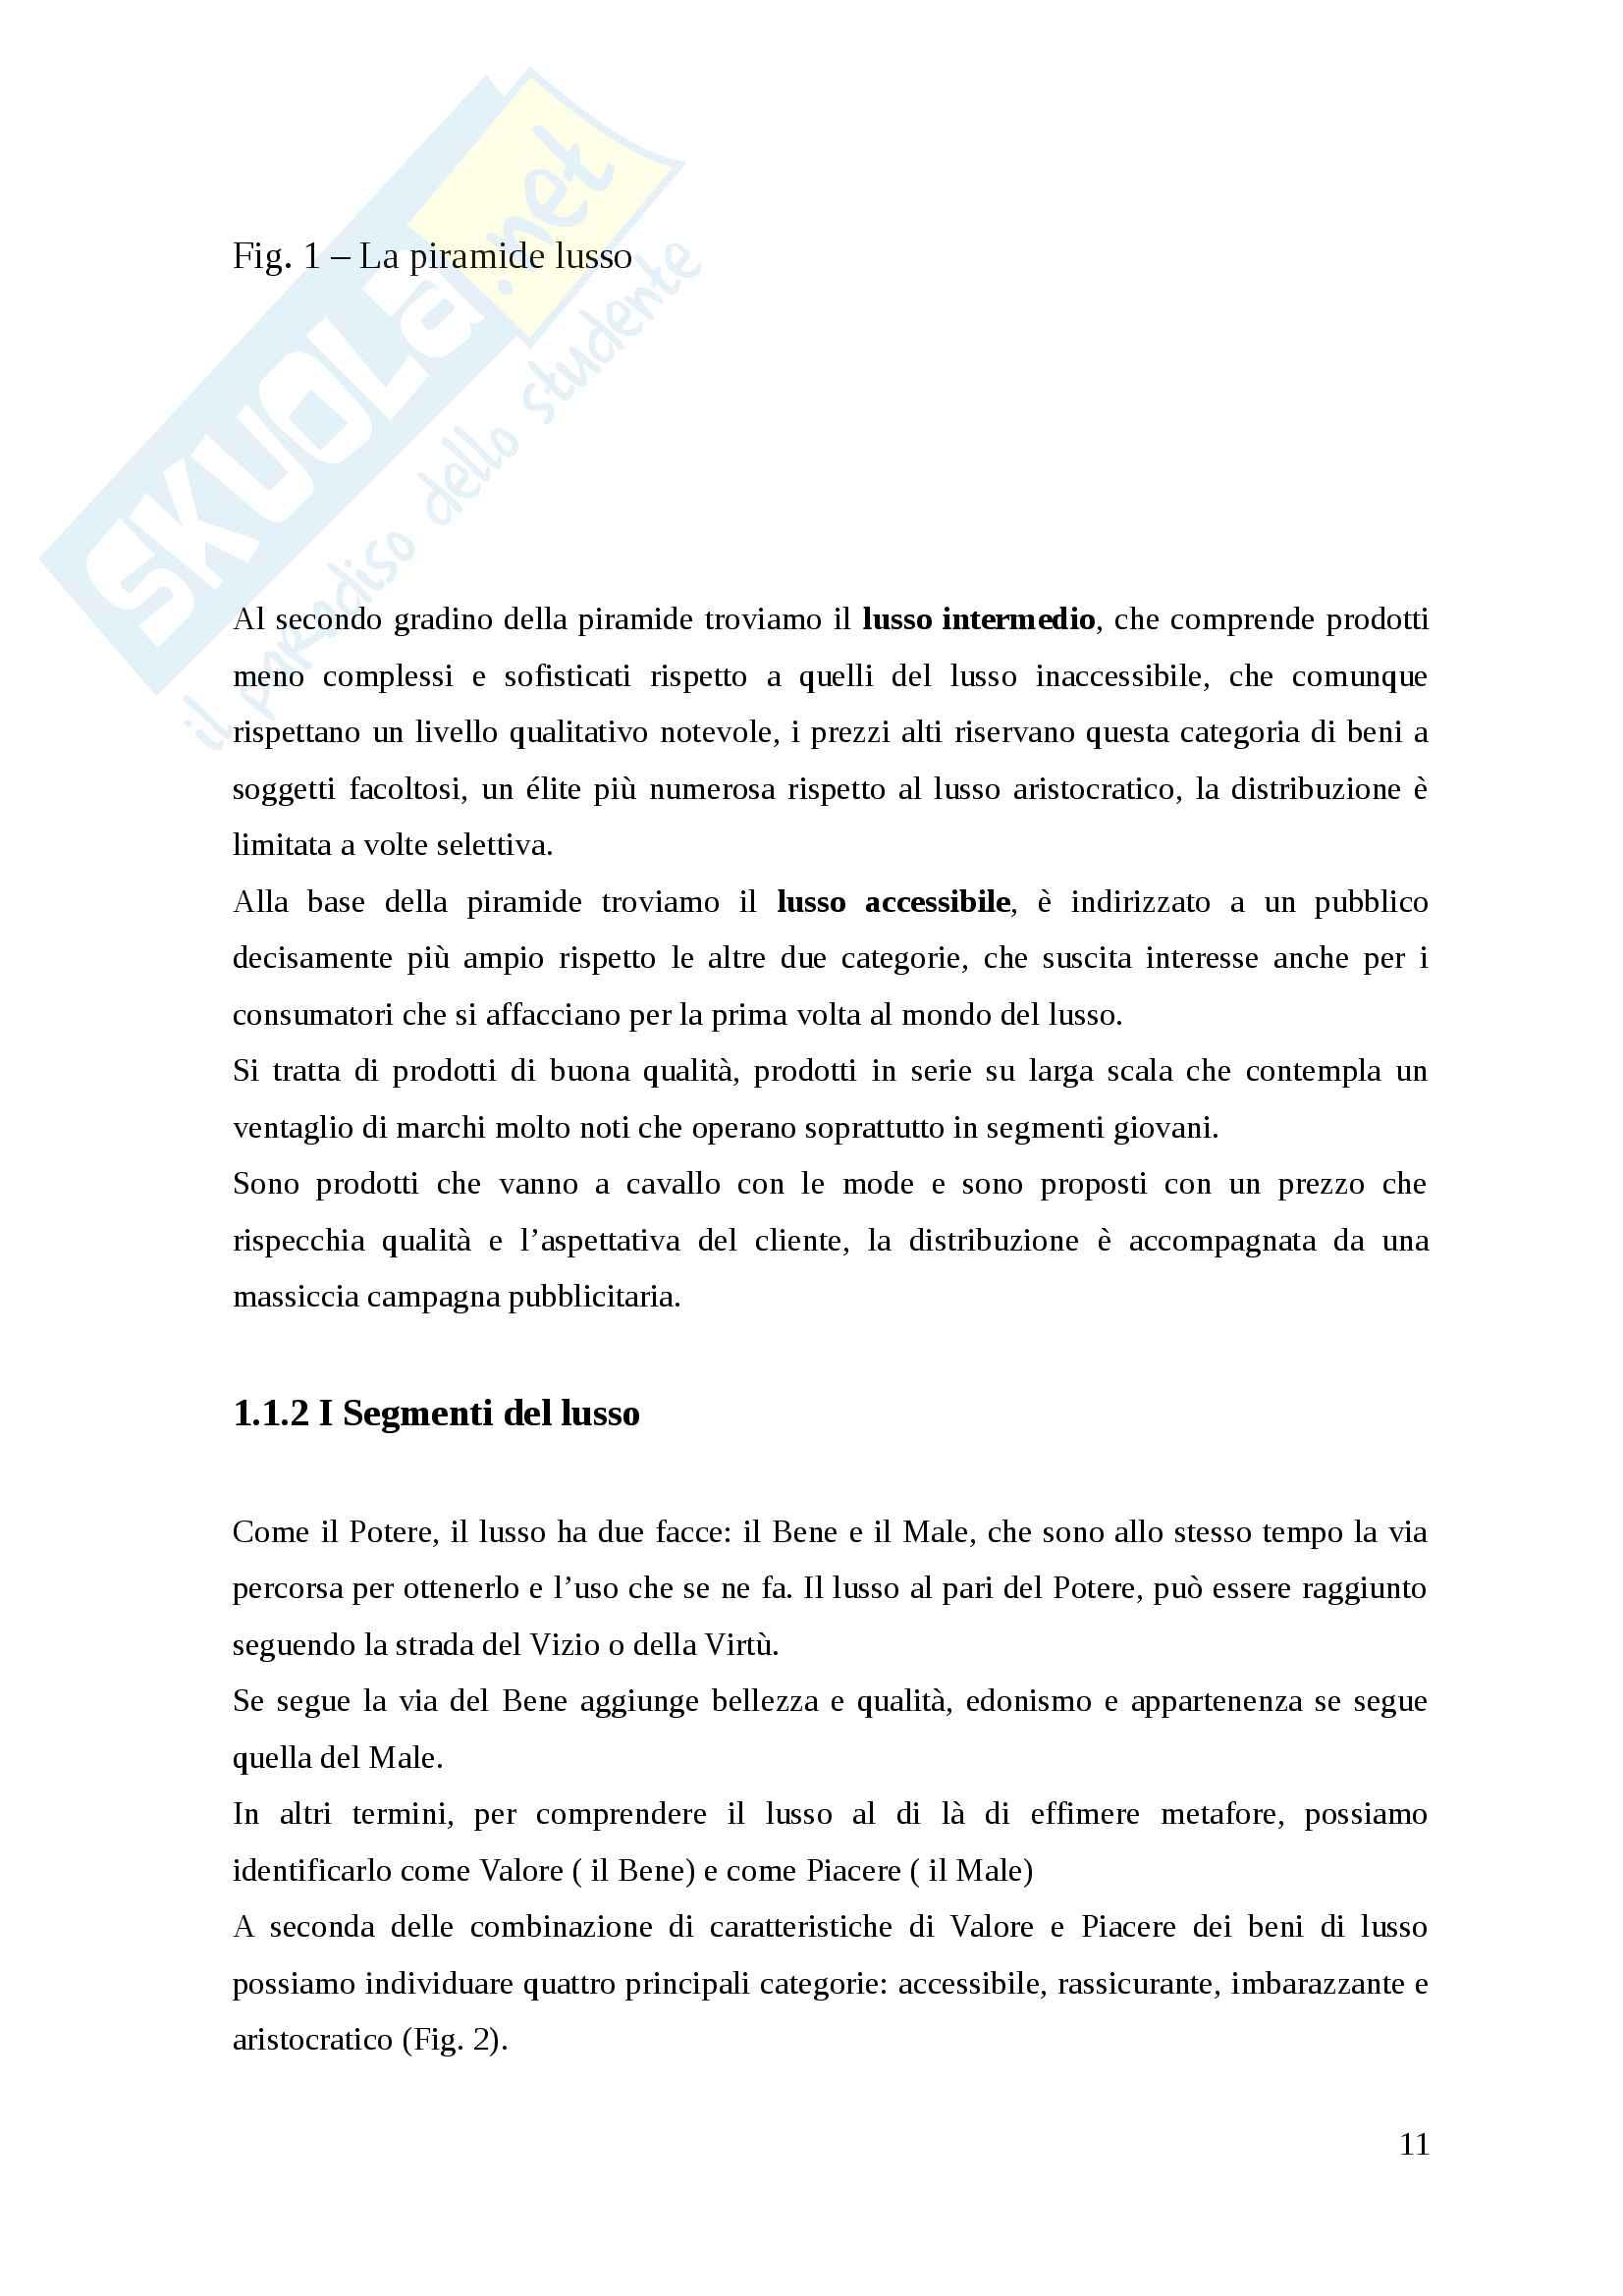 Distribuzione e marketing del consumo di lusso Pag. 11